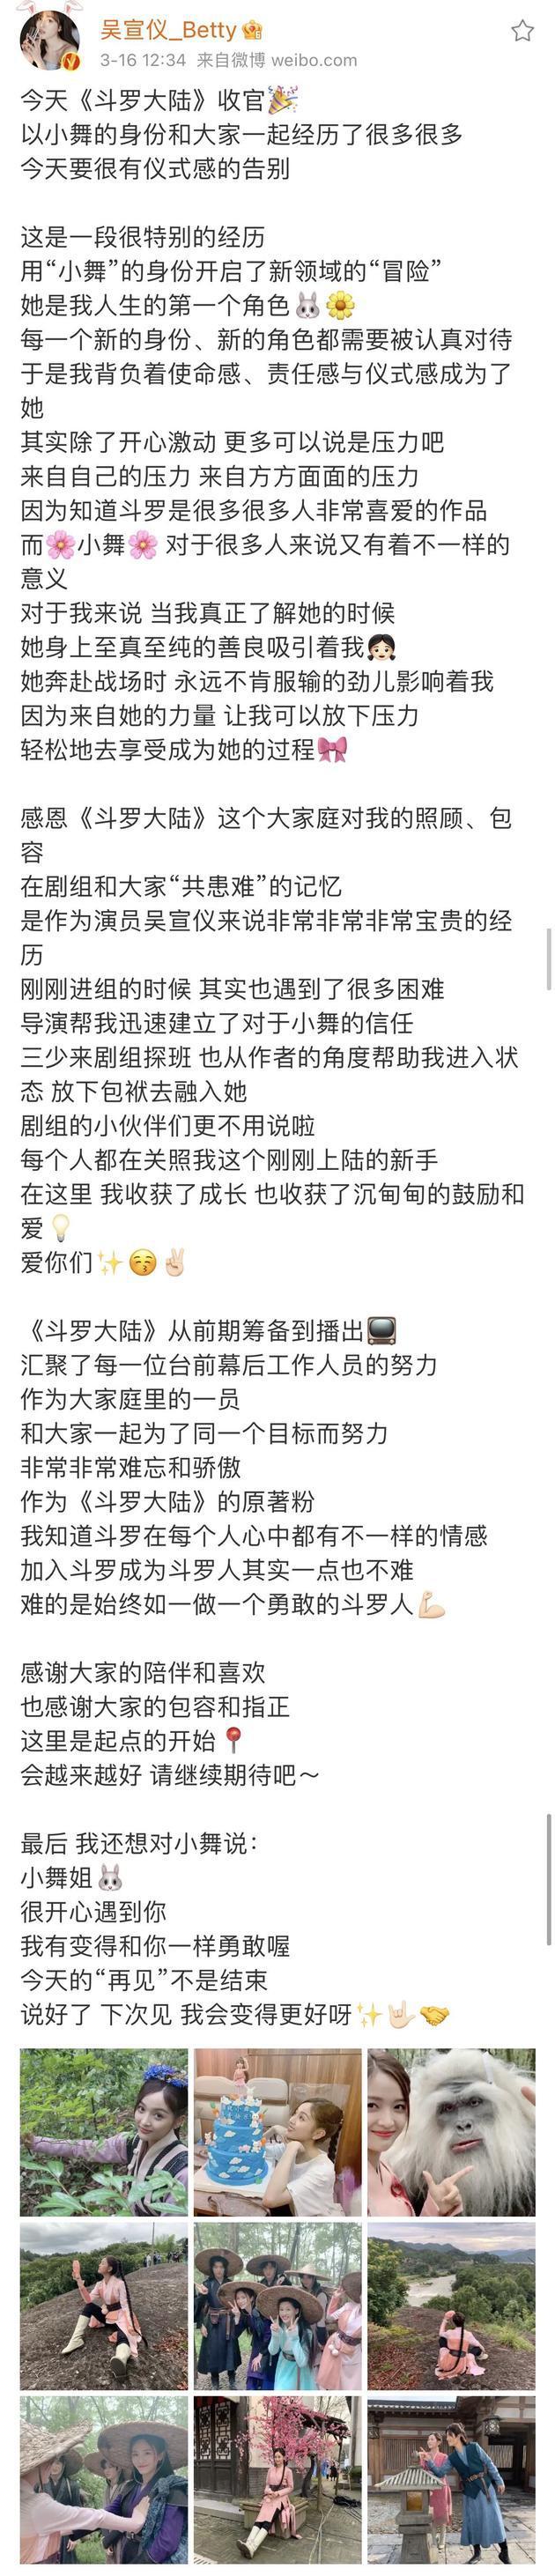 《斗罗大陆》正式收官 男女主肖战吴宣仪发文告别